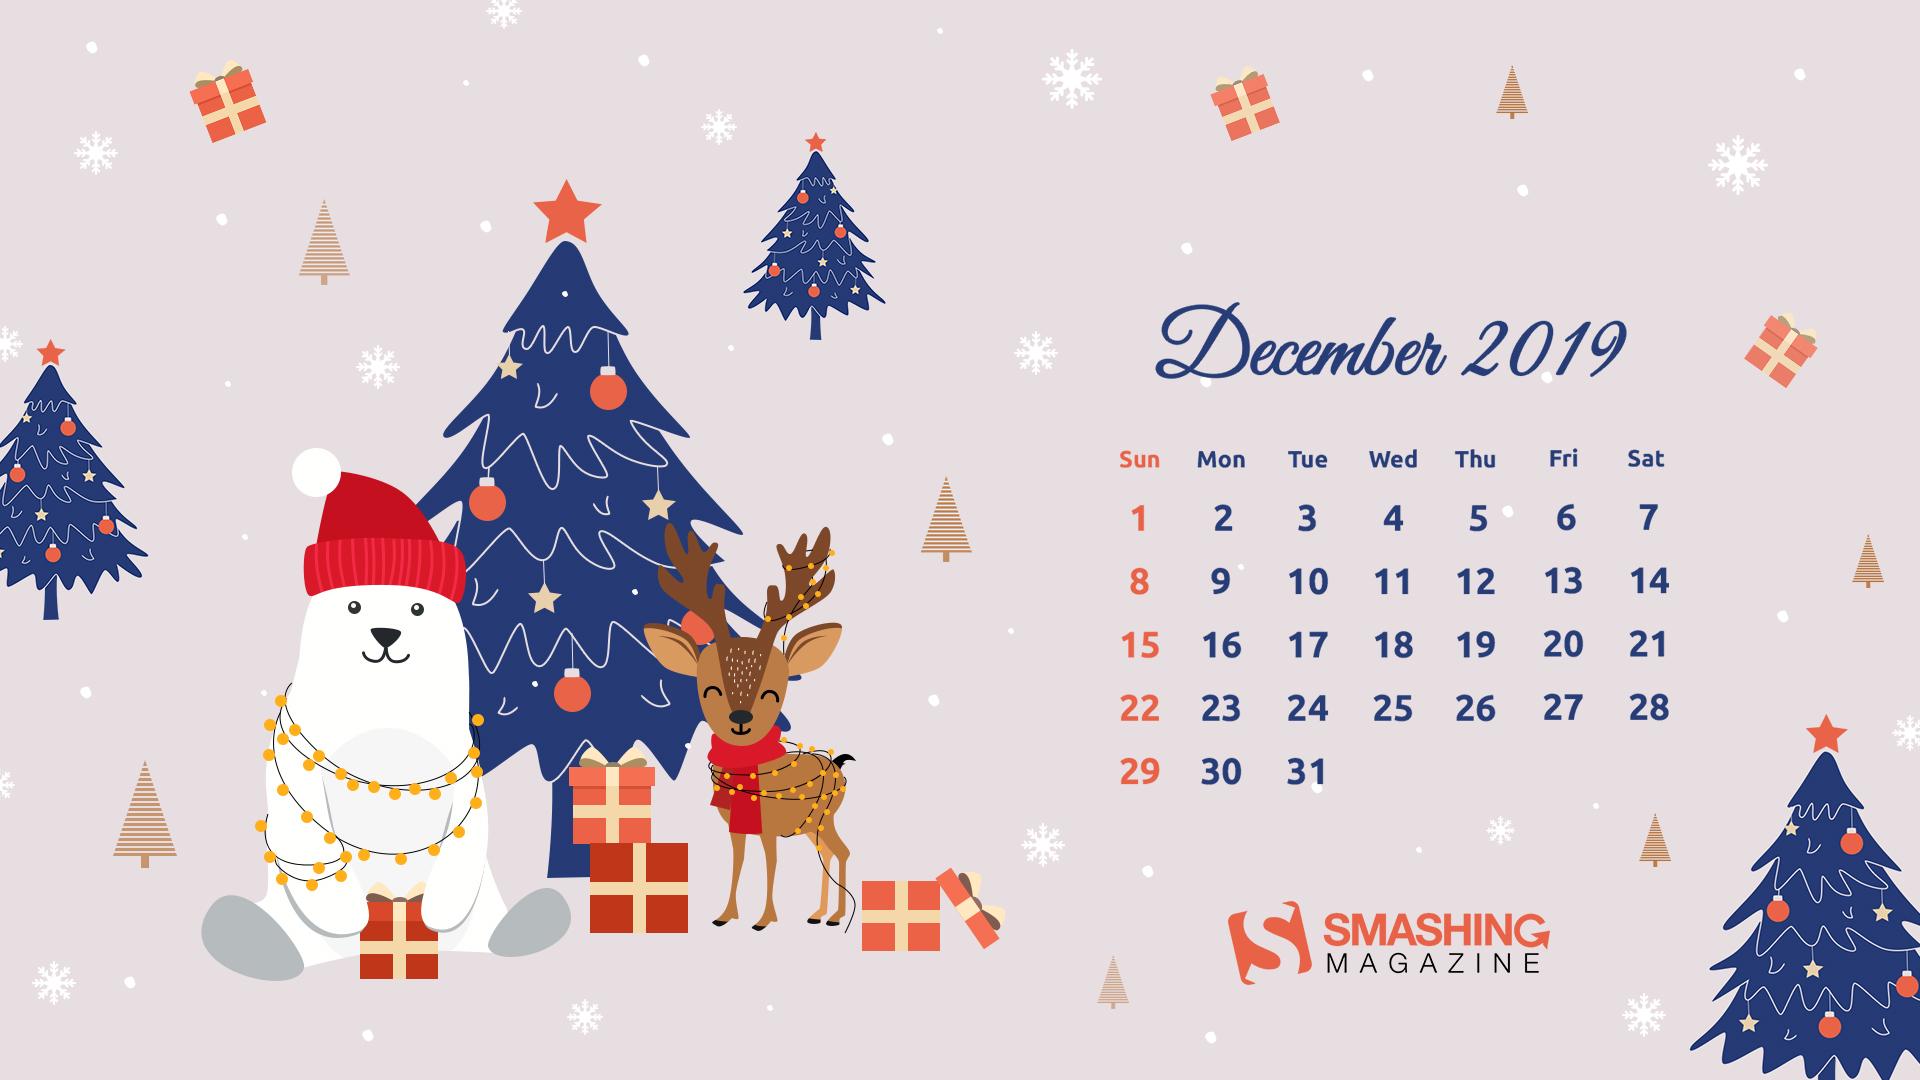 Christmas Mood December 2019 Calendar-1920x1080 - December 2019 Calendar Wallpaper Desktop , HD Wallpaper & Backgrounds